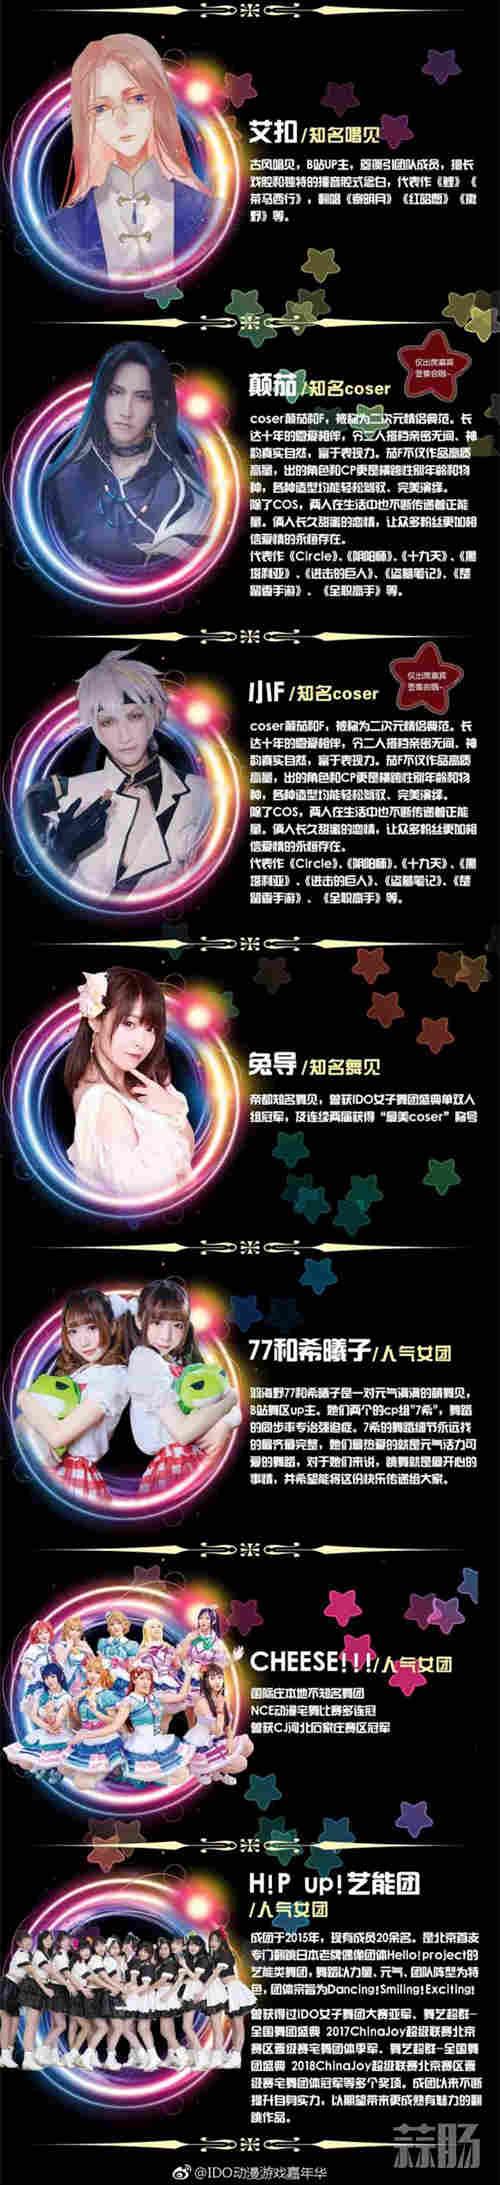 【河北·IDO Live音乐节】暑期河北规模最大二次元狂欢音乐盛宴!最让你心动的嘉宾都在这里哟! 二次元 第4张